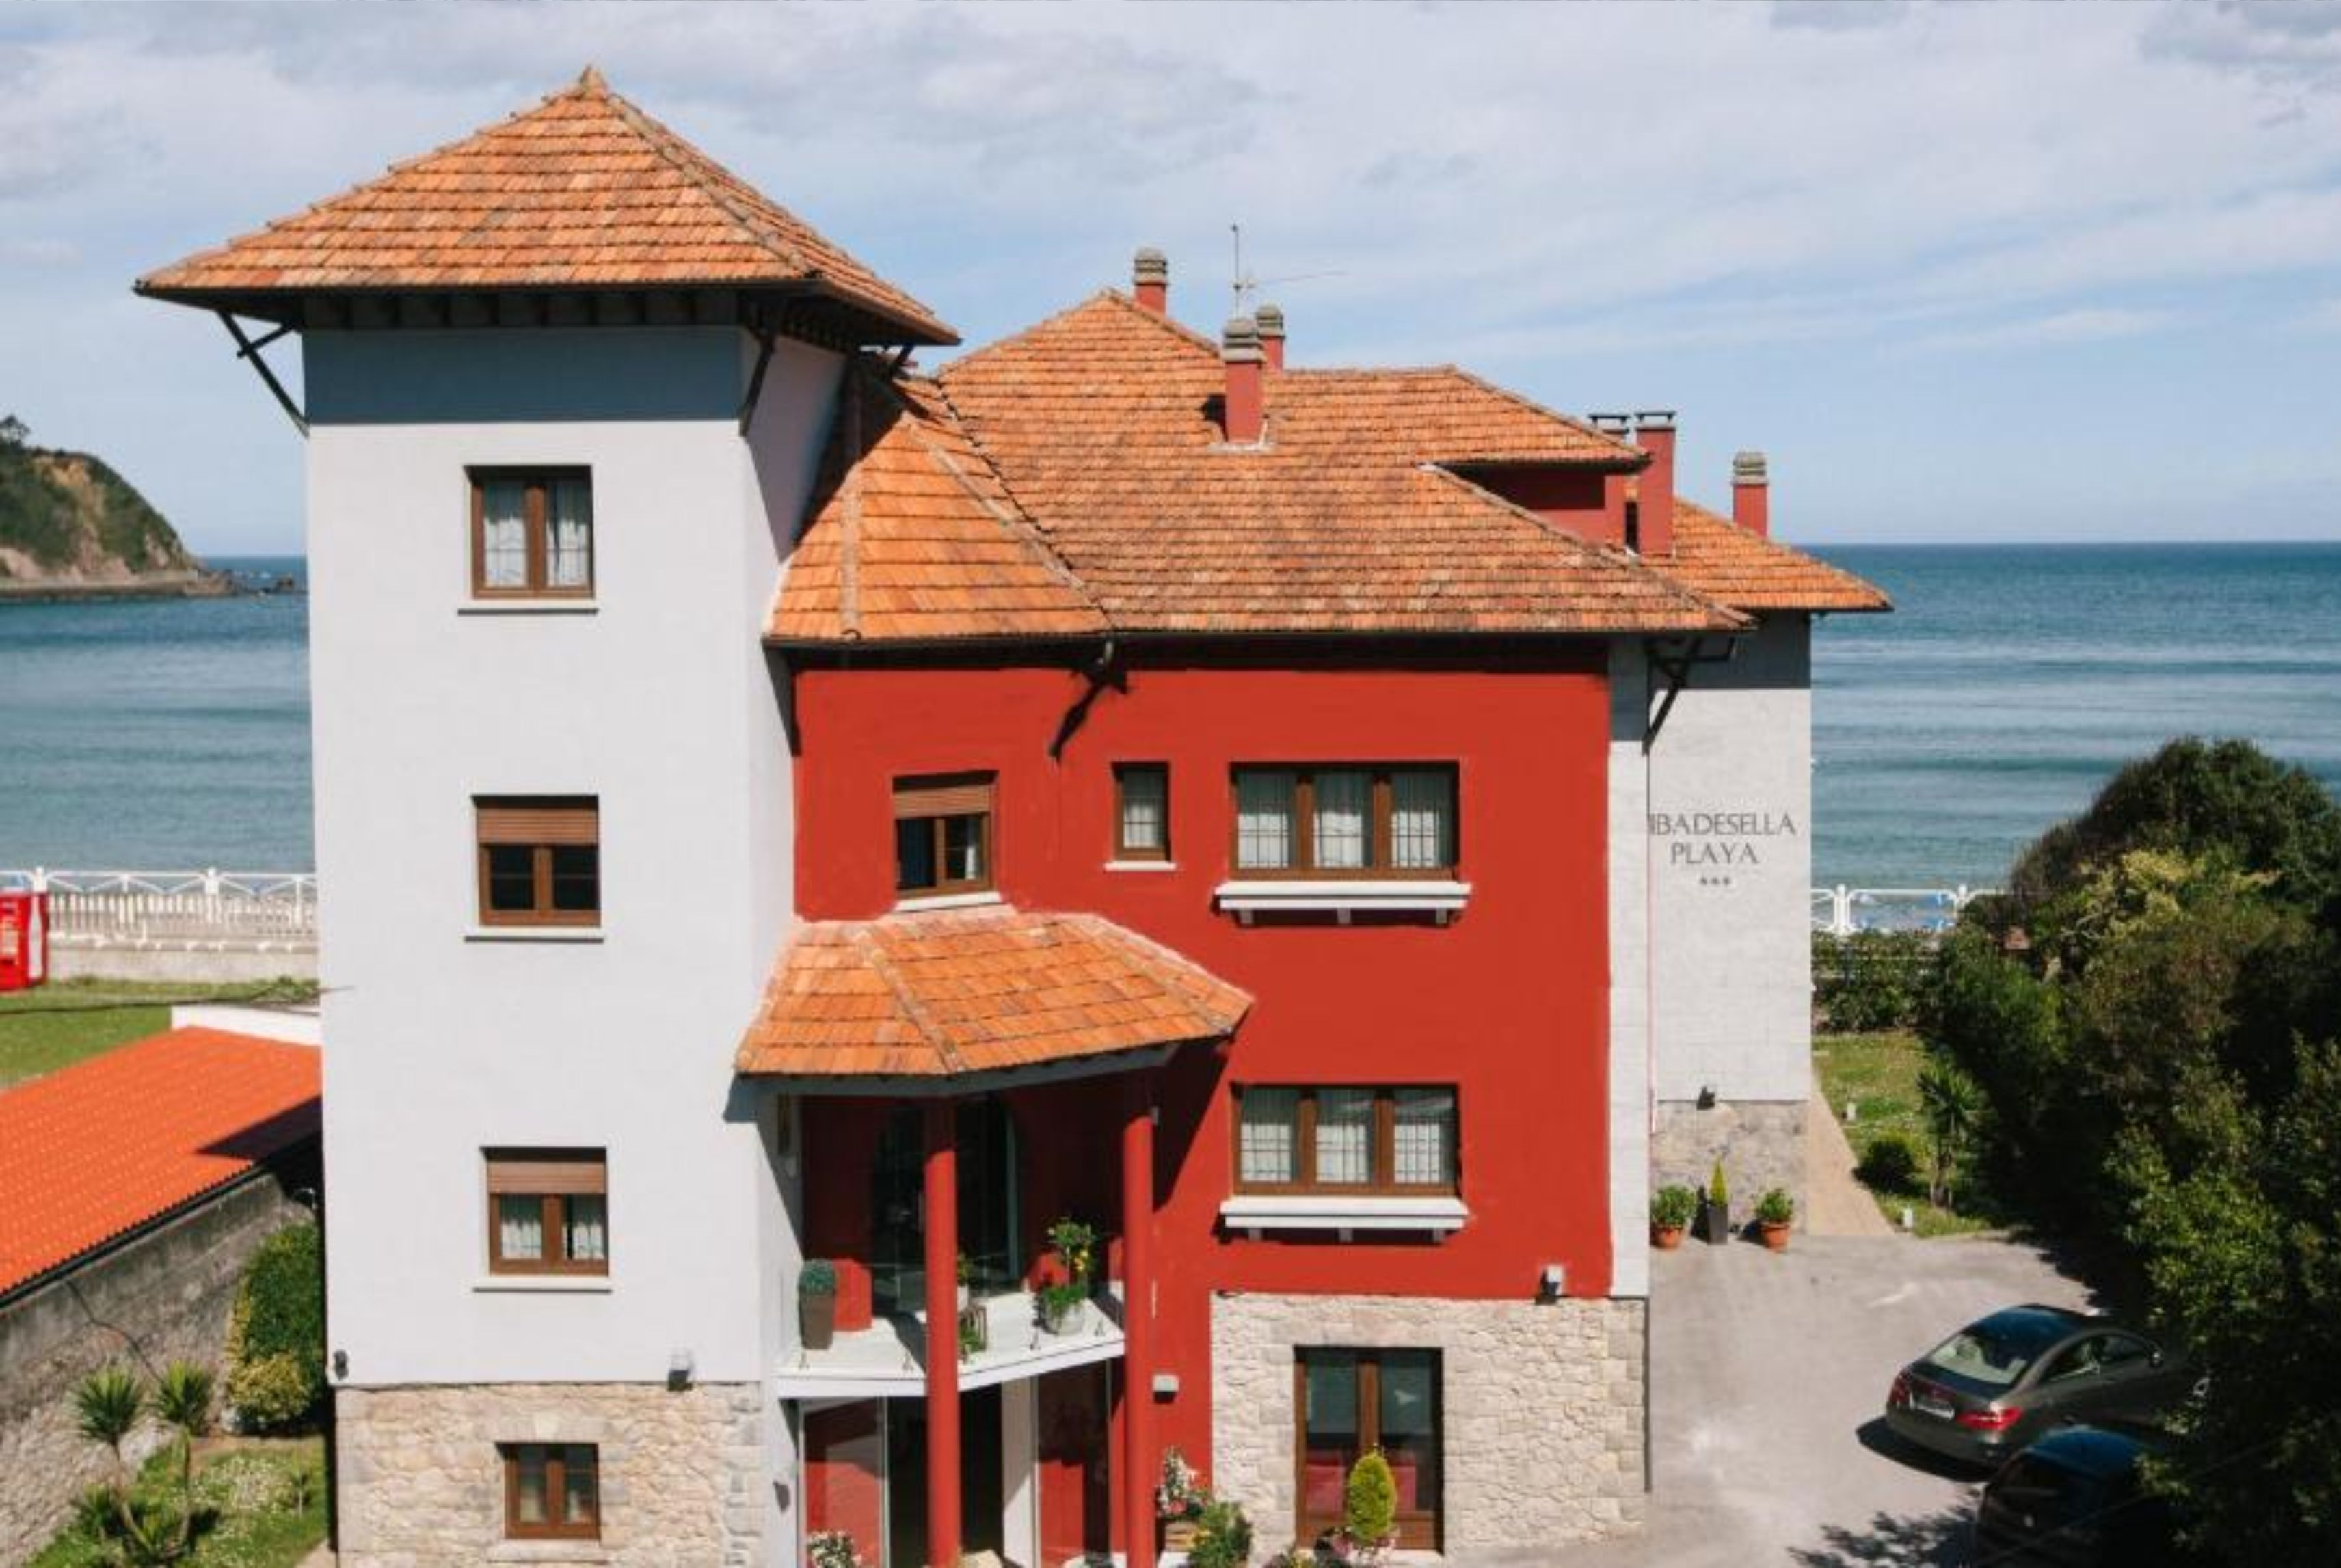 Hotel Ribadesella Playa 3*